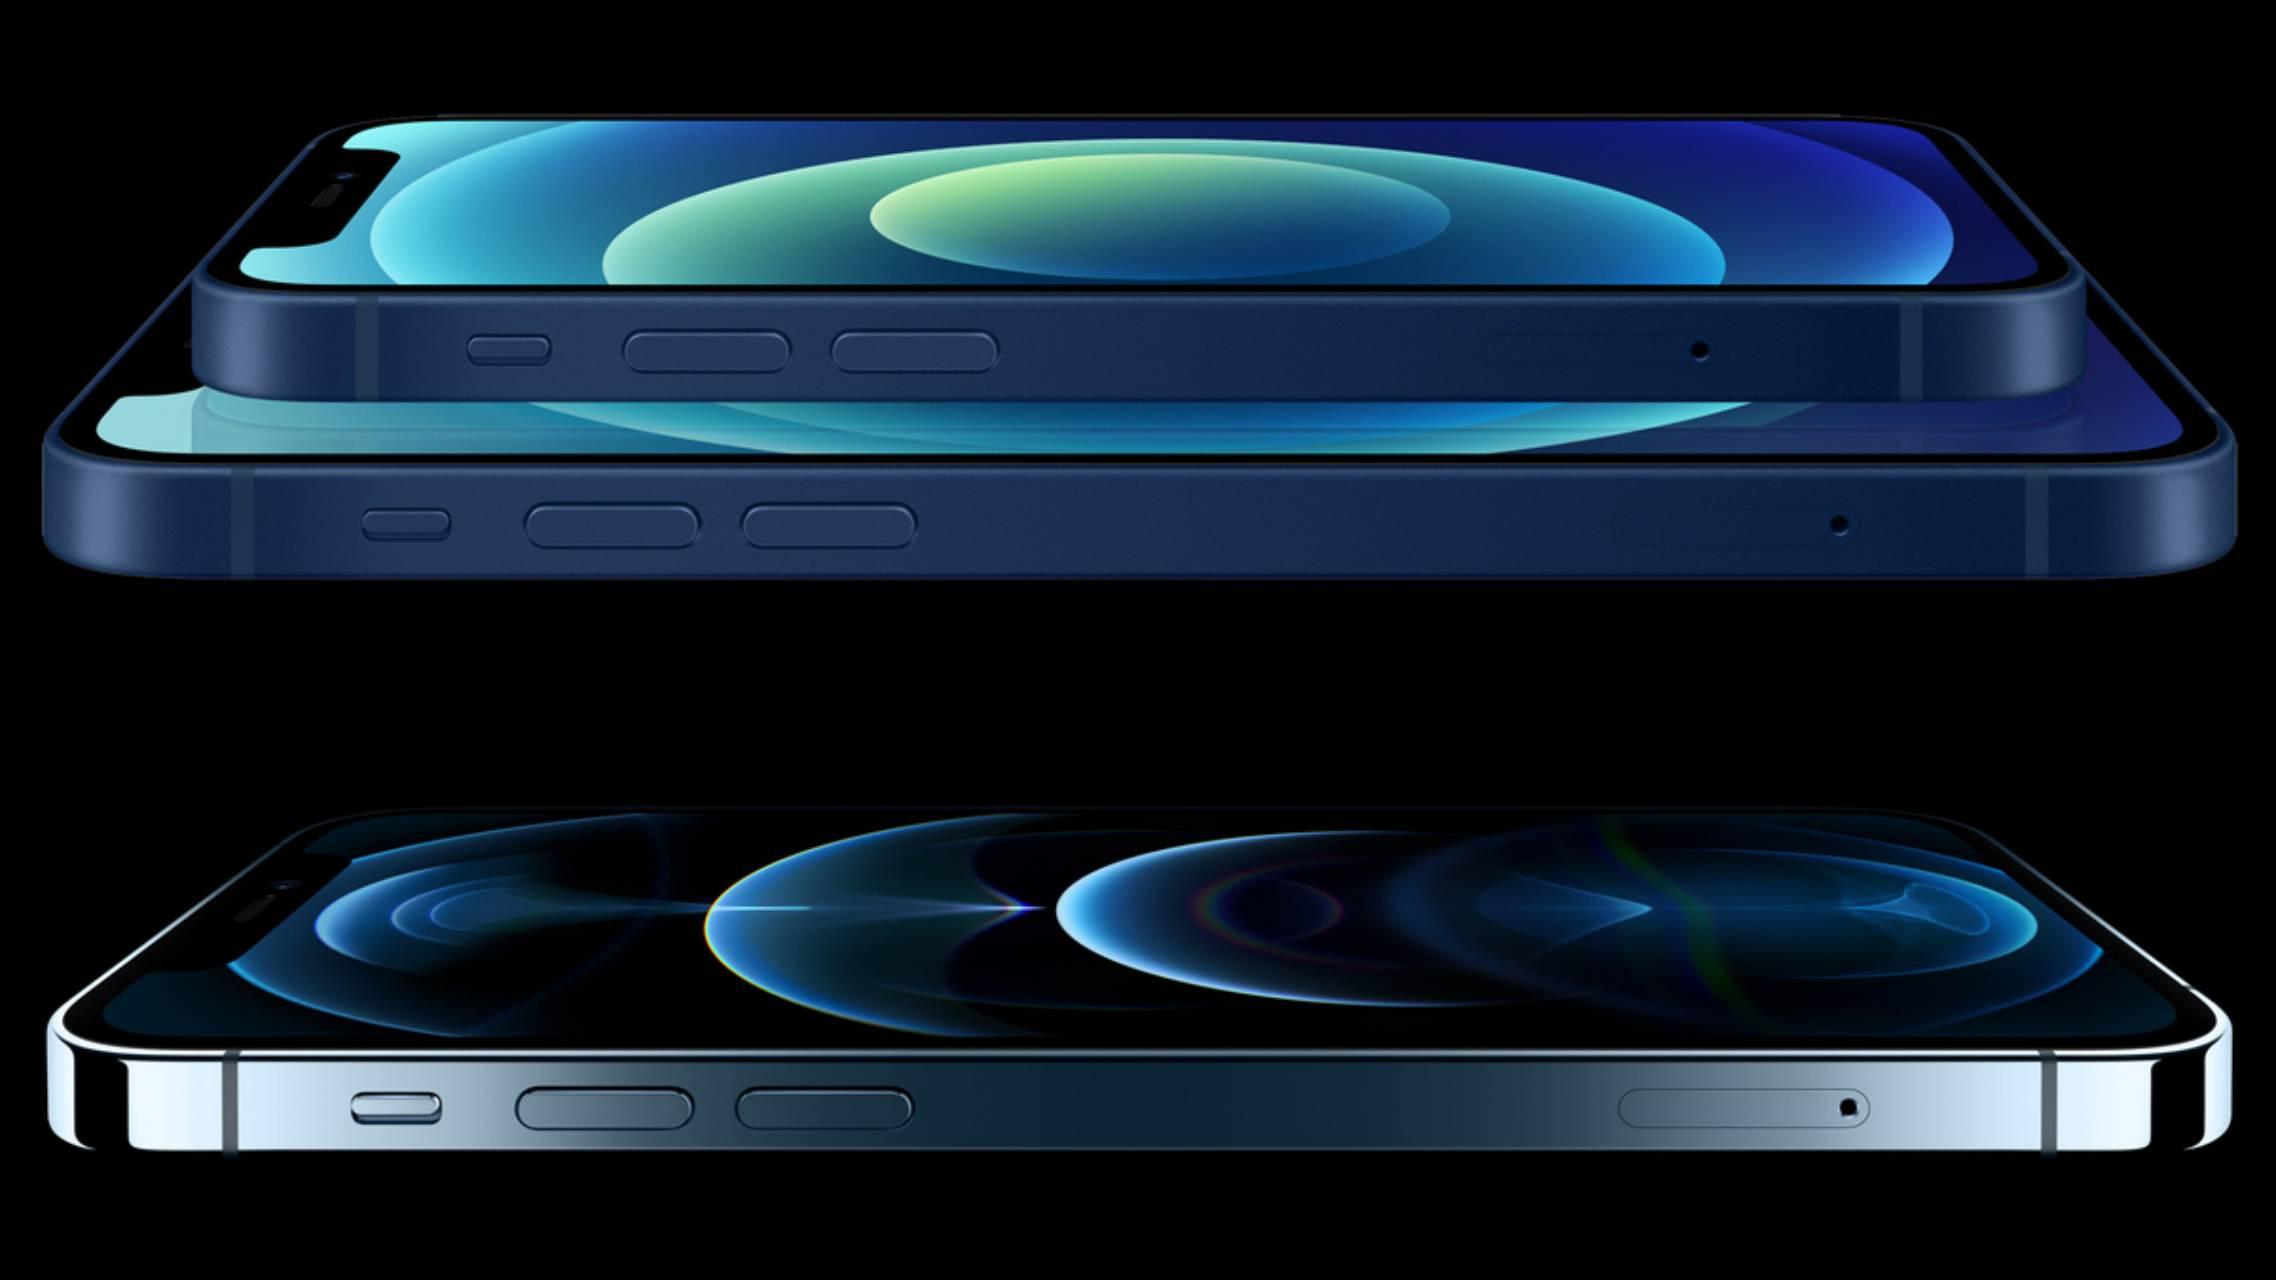 iPhone 12 casti cutie